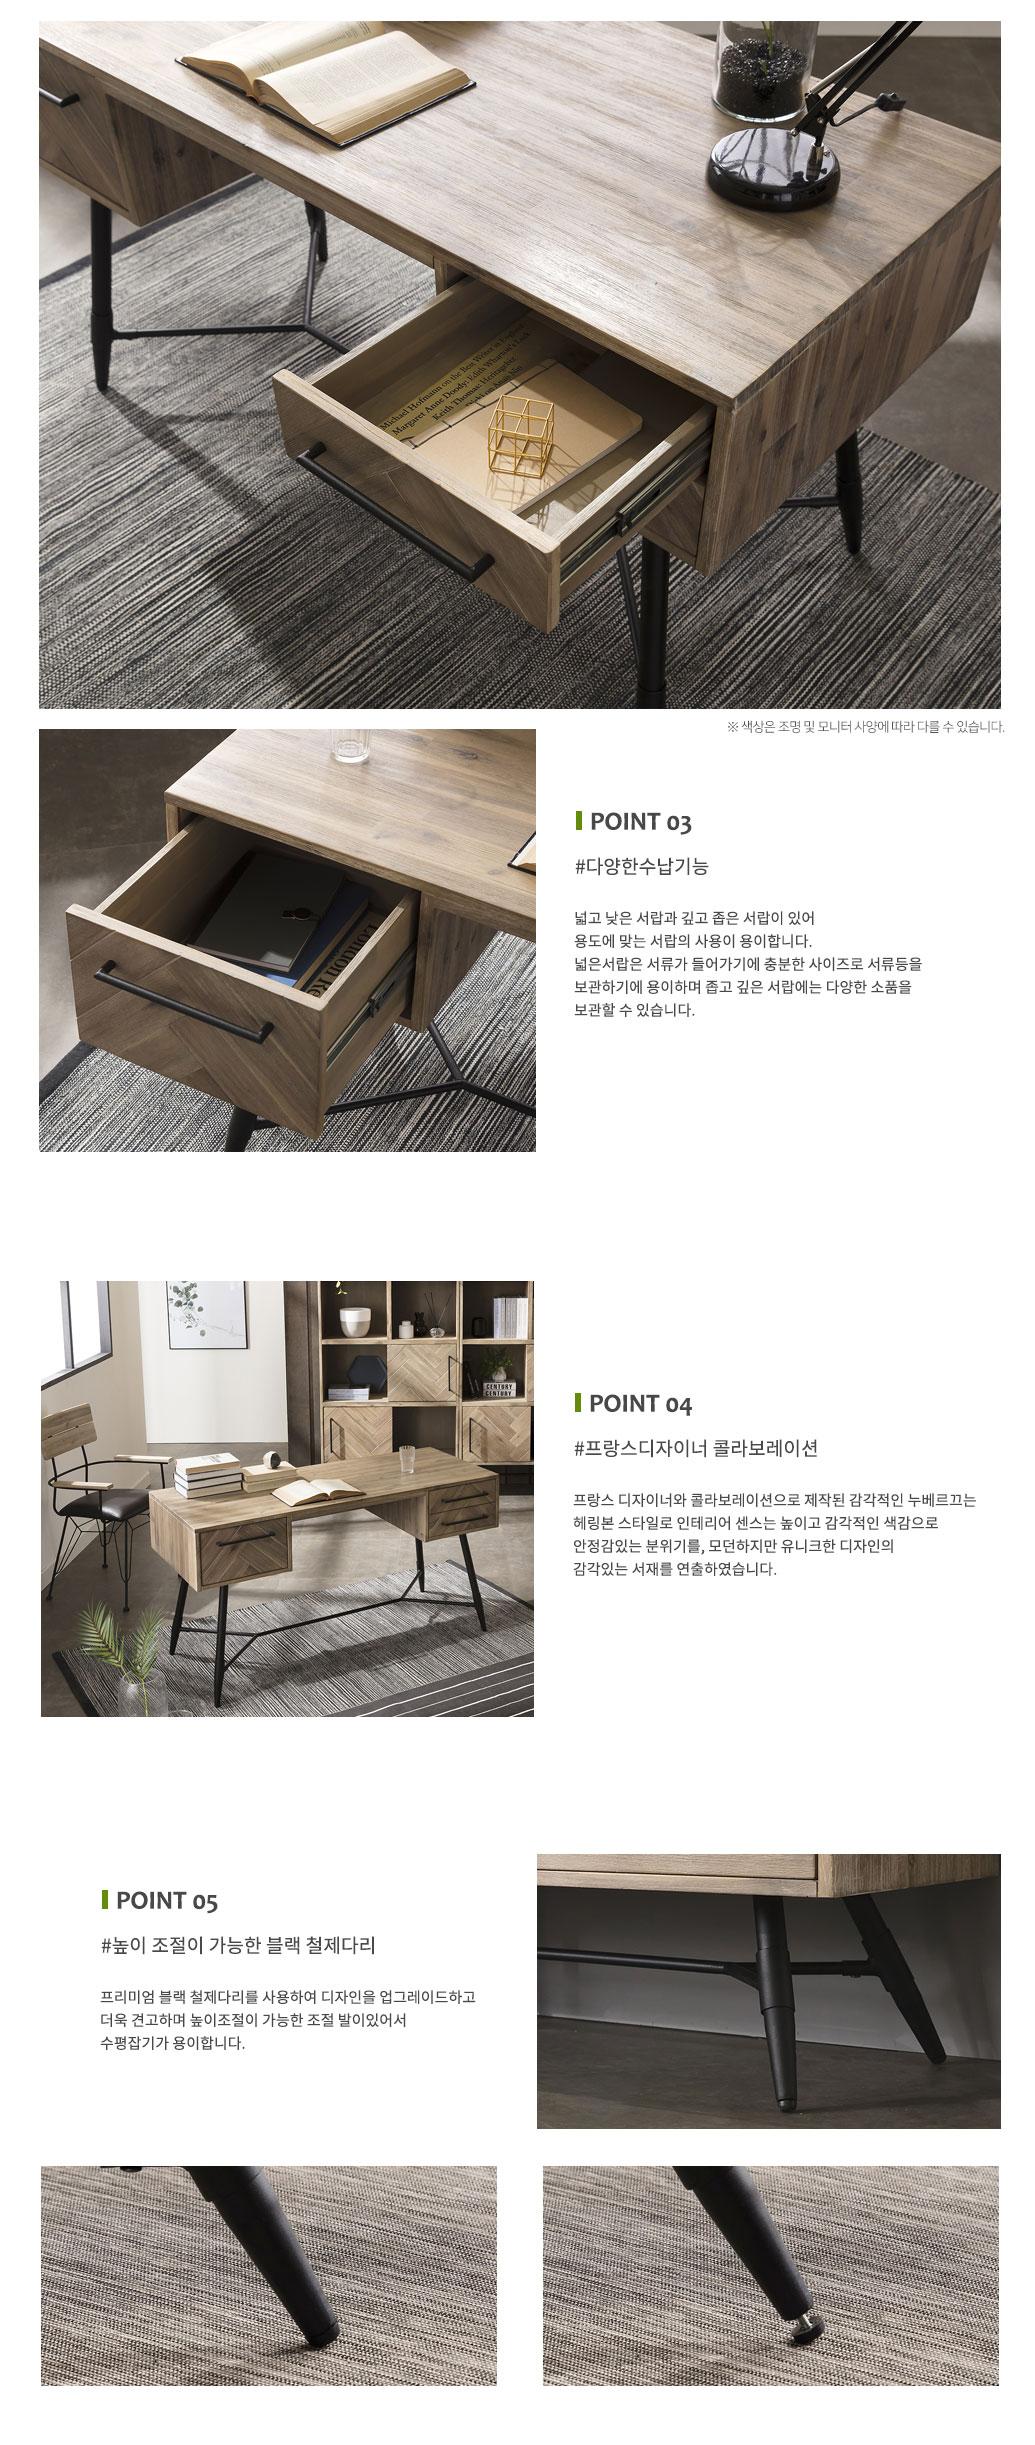 nouverc_desk_05.jpg